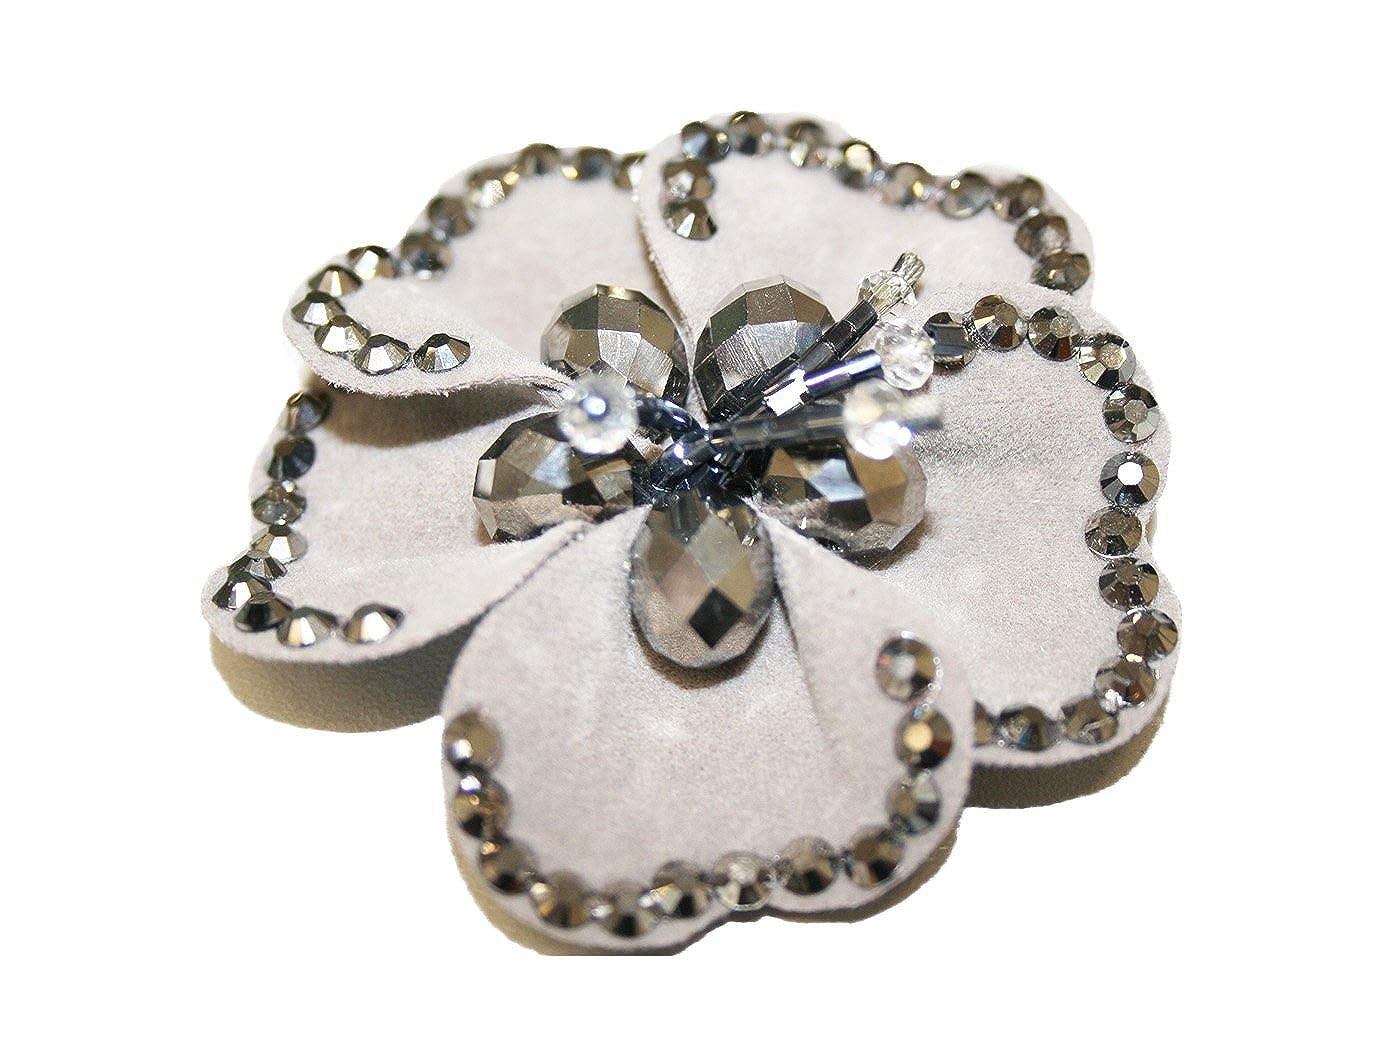 La Loria Accessoires Femme 2 Clips pour chaussures Blink Flower Amovible Accessoires Bijoux clip gris-argenté E 270